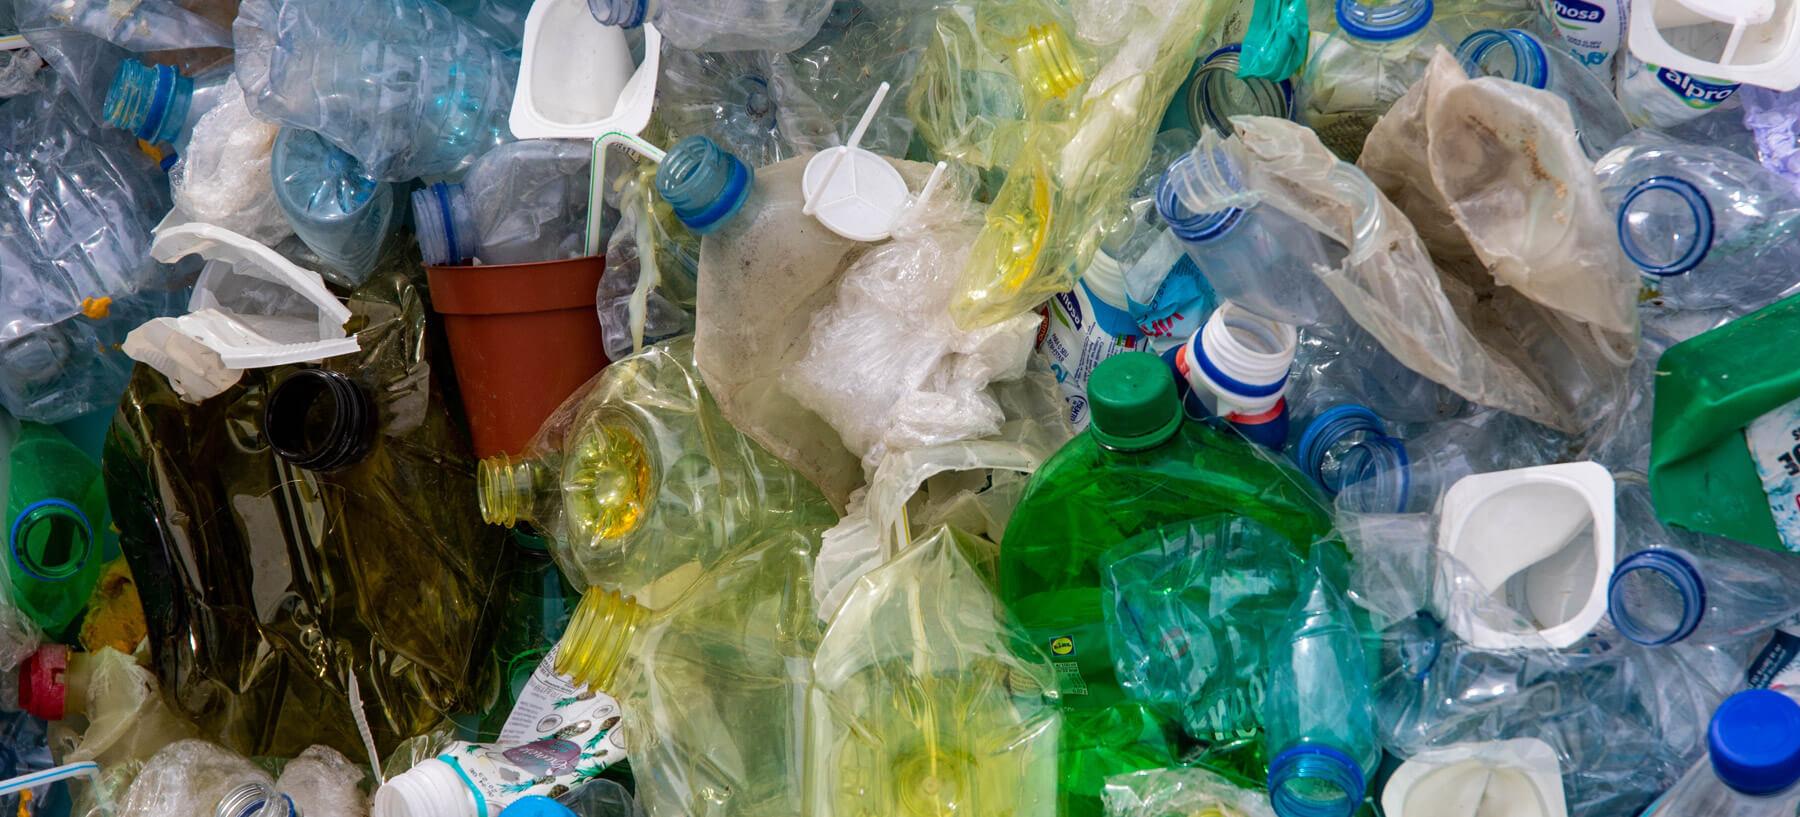 La Botella De Plástico Devuelta Tiene Premio En Portugal: 5 Céntimos